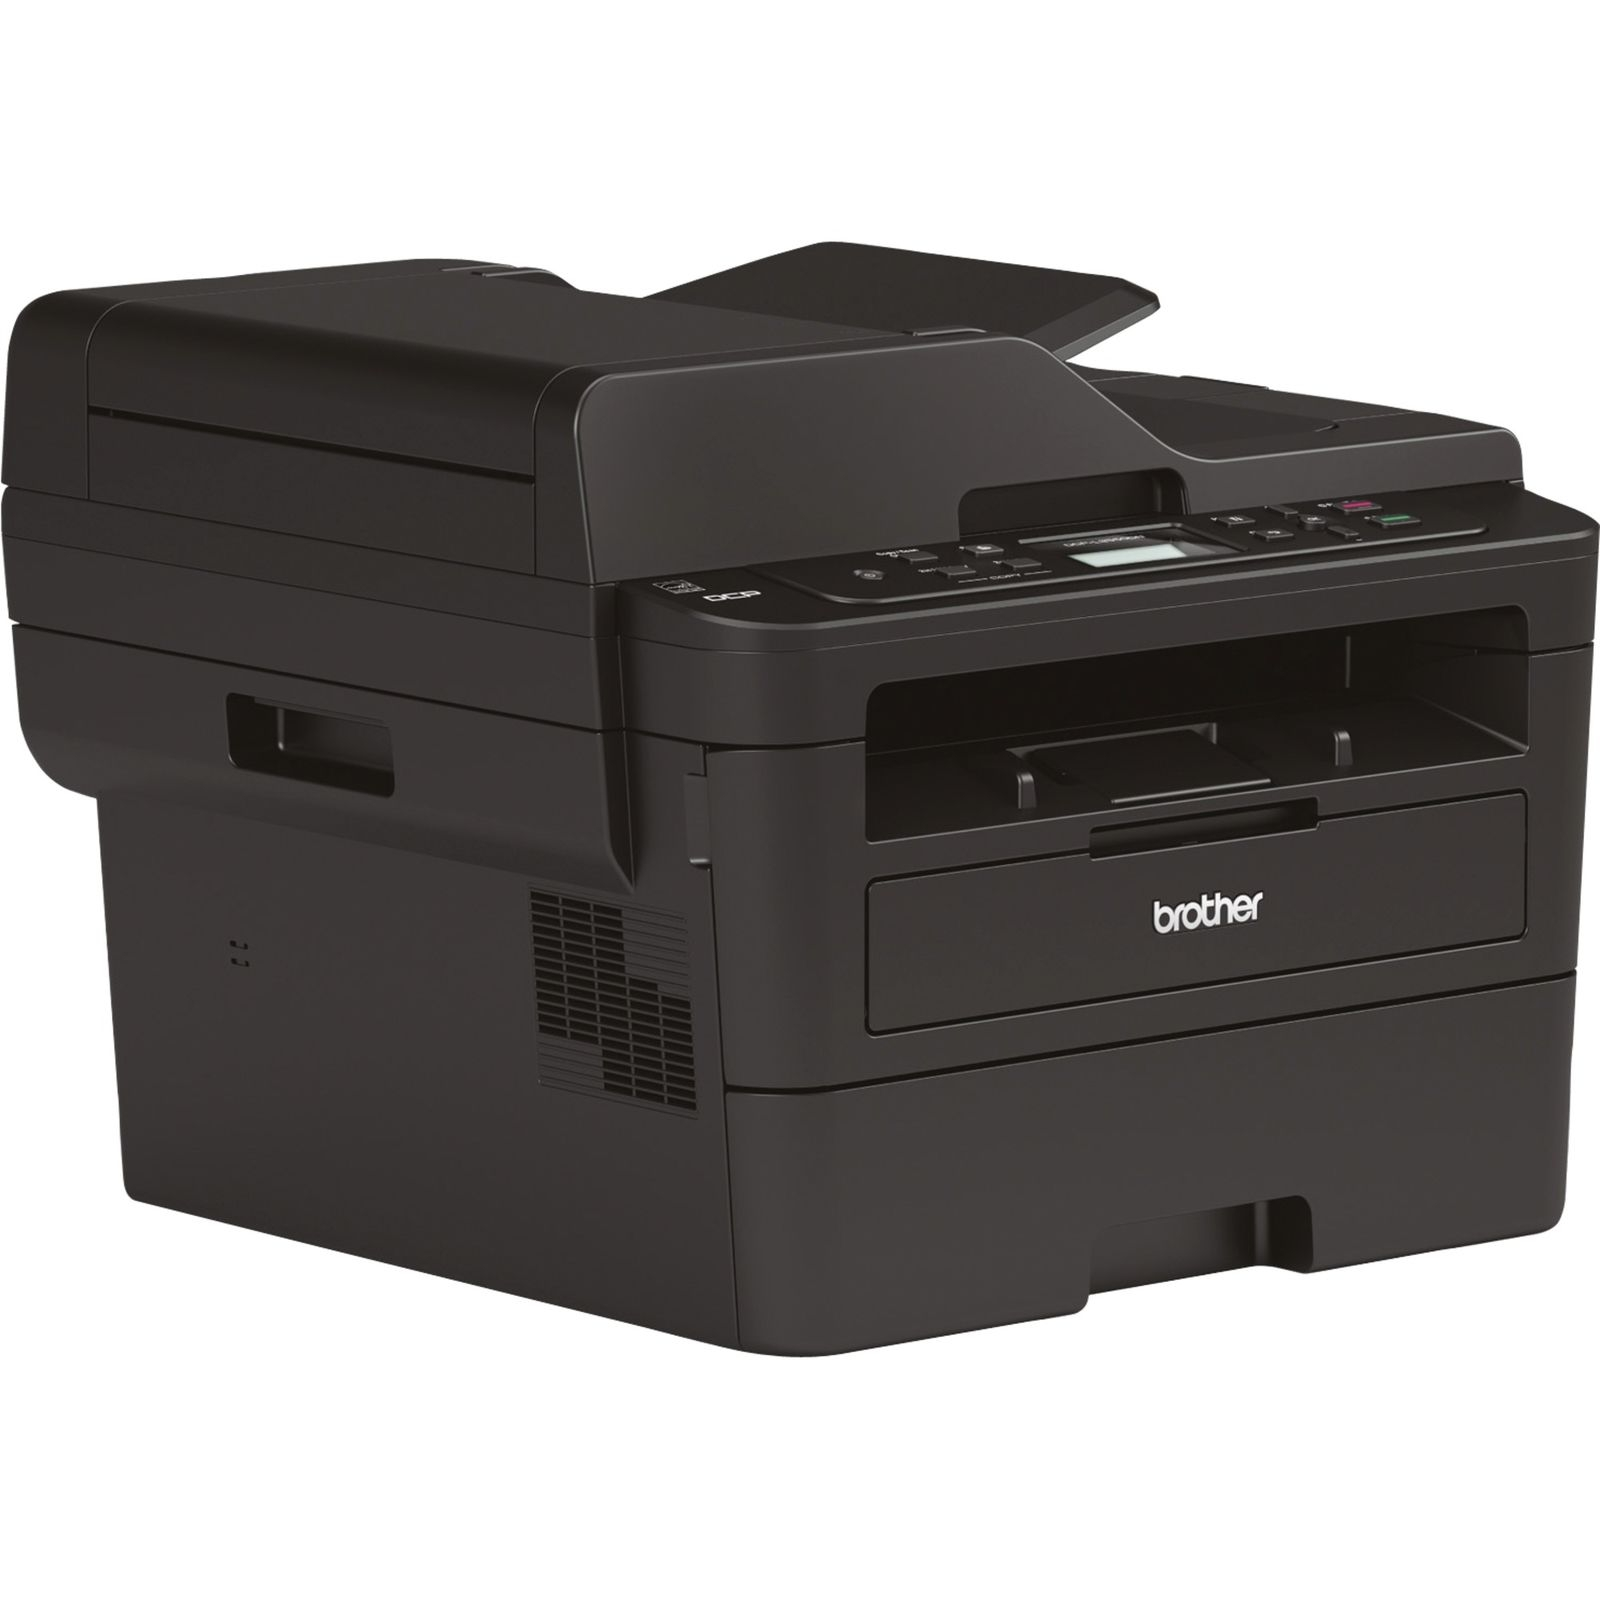 laserdrucker schwarz Brother DCP-L 2550DN